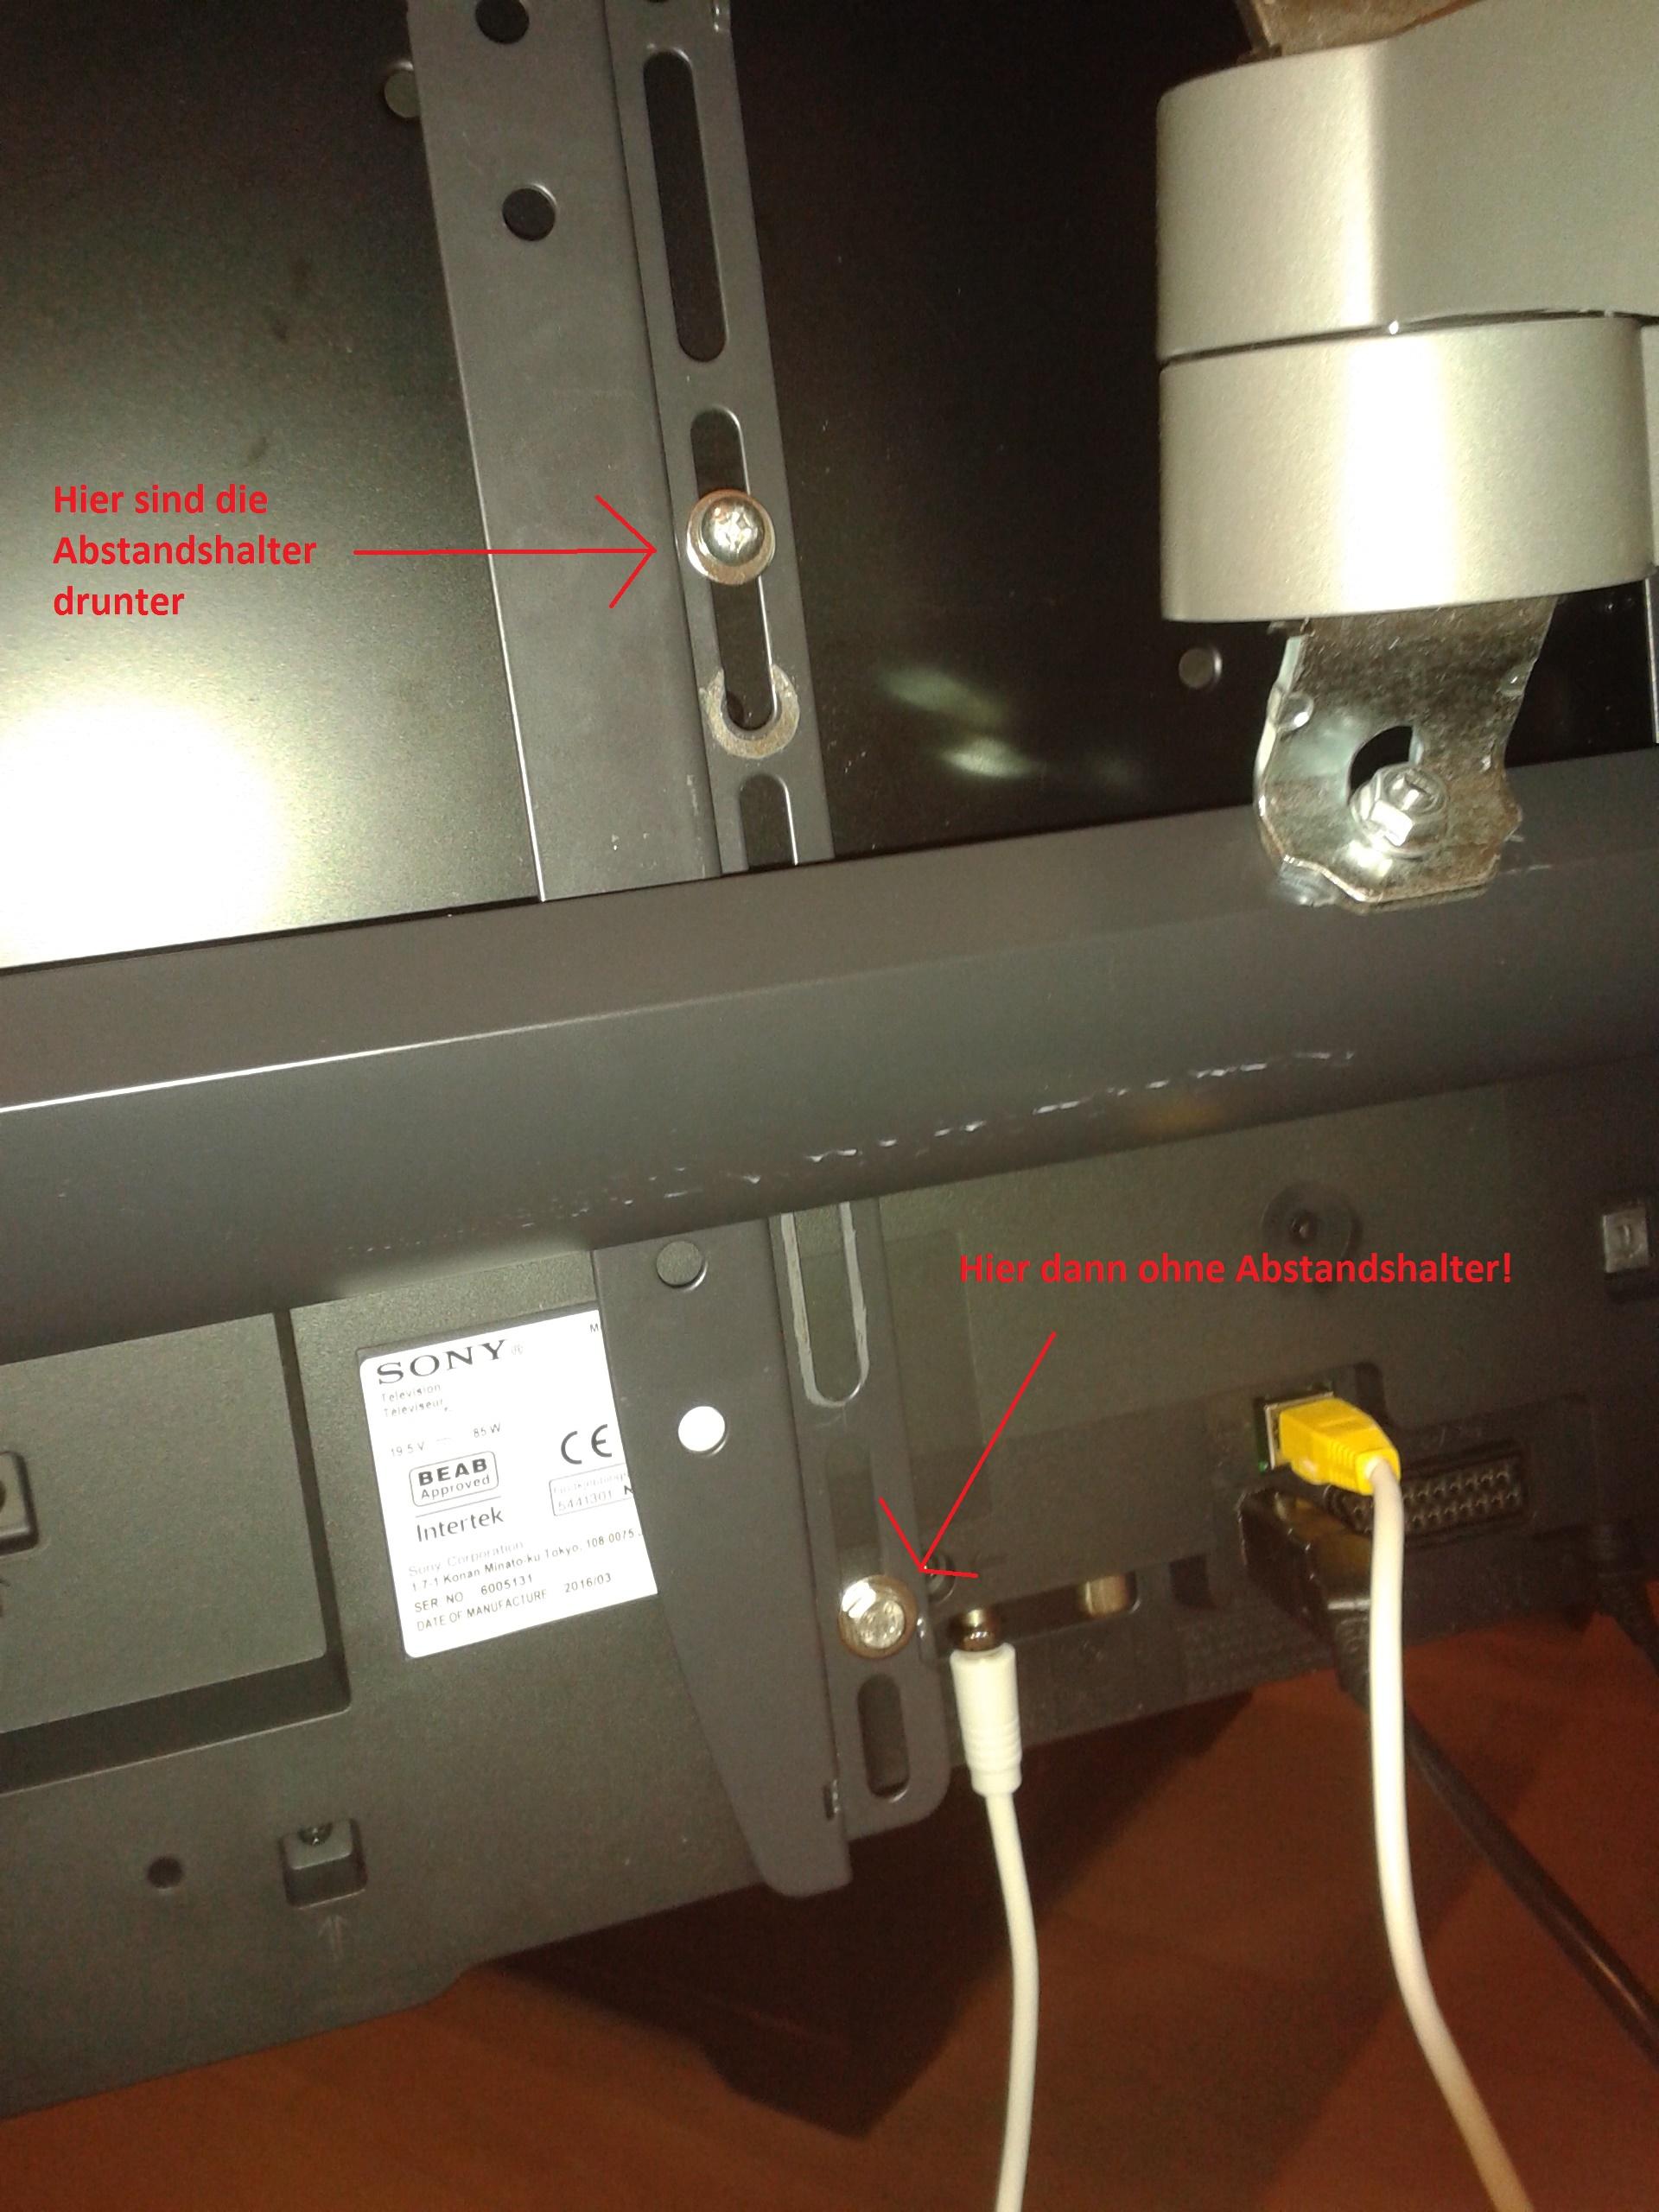 Wandhalterung KDL 48wd655 - Sony